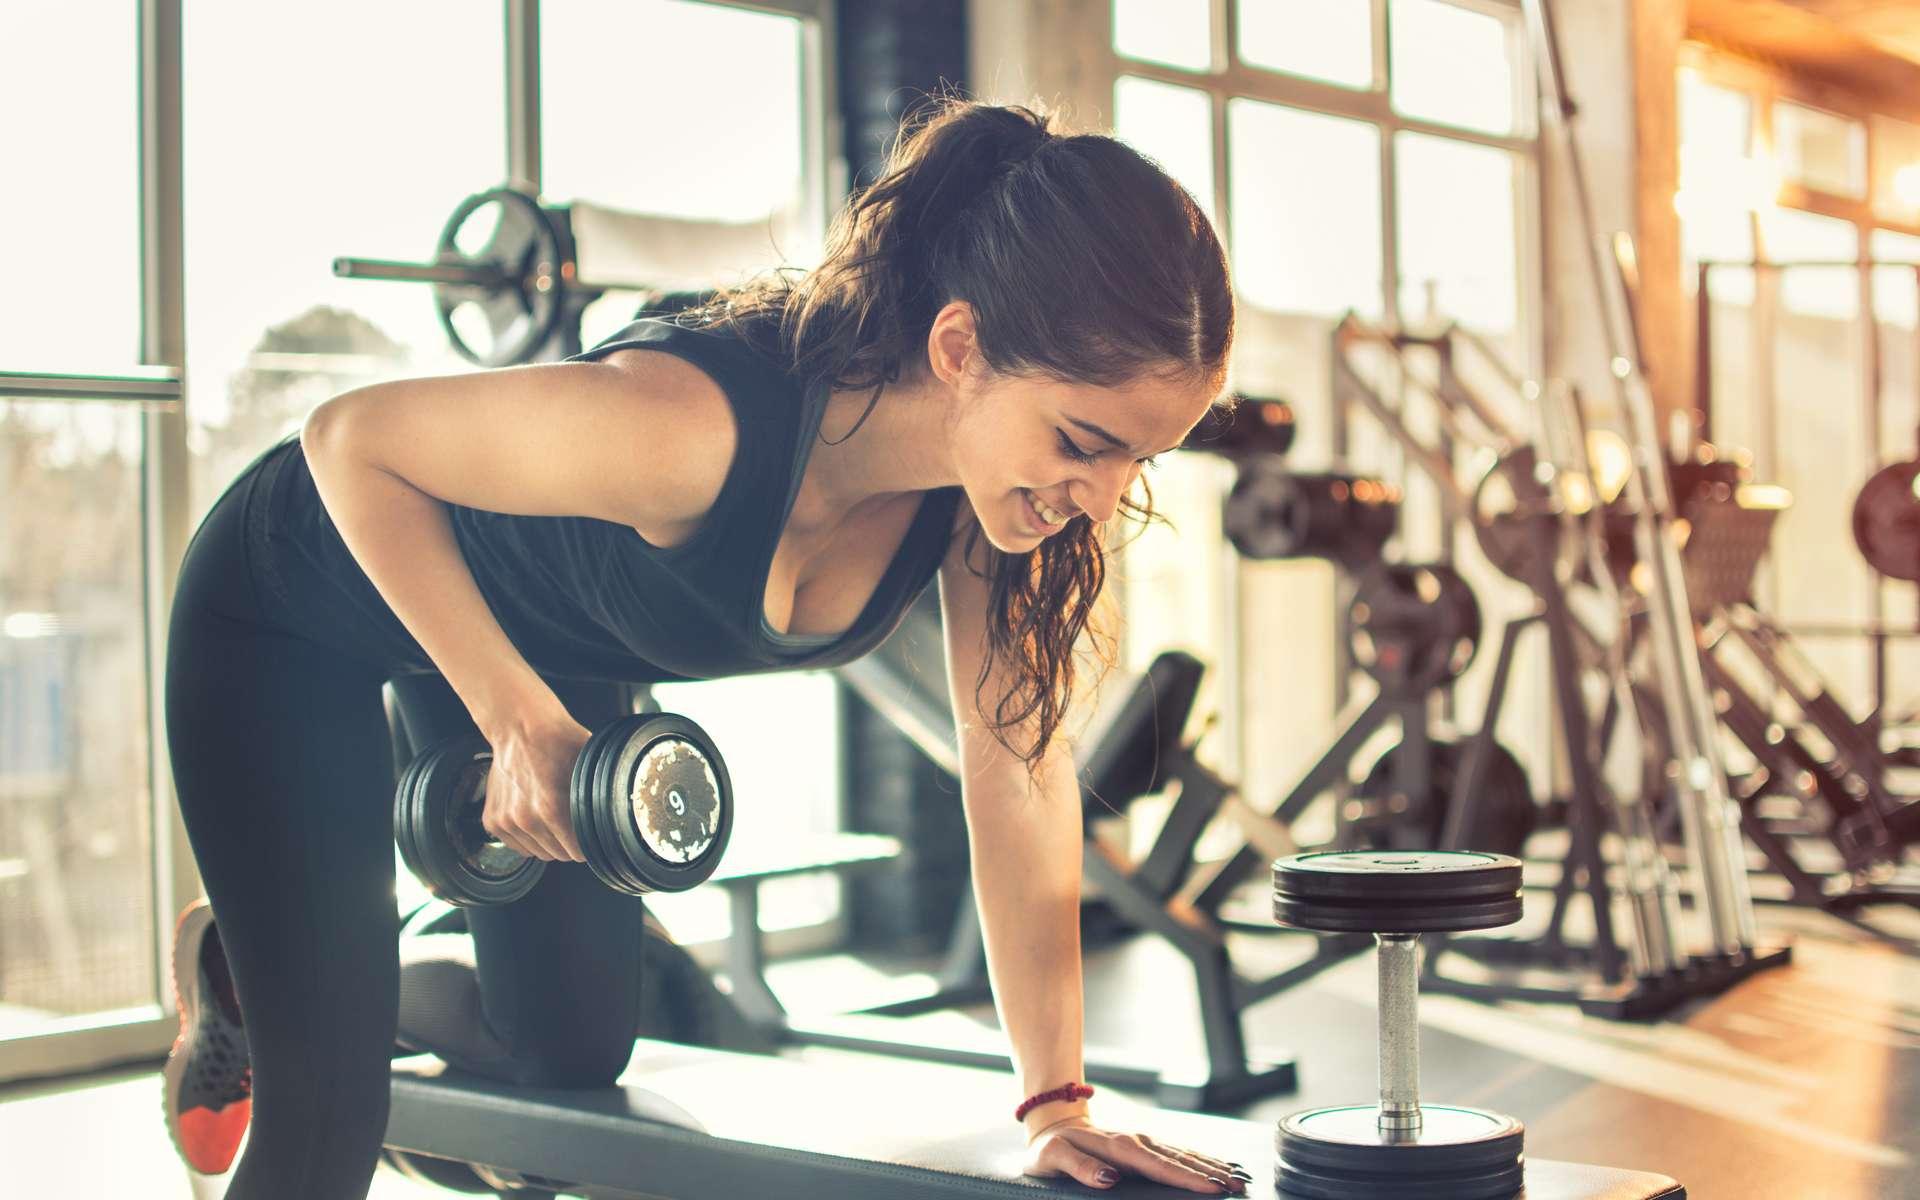 Les sports de force participent aussi à diminuer le risque de mourir d'un cancer. © Bojan, Adobe Stock